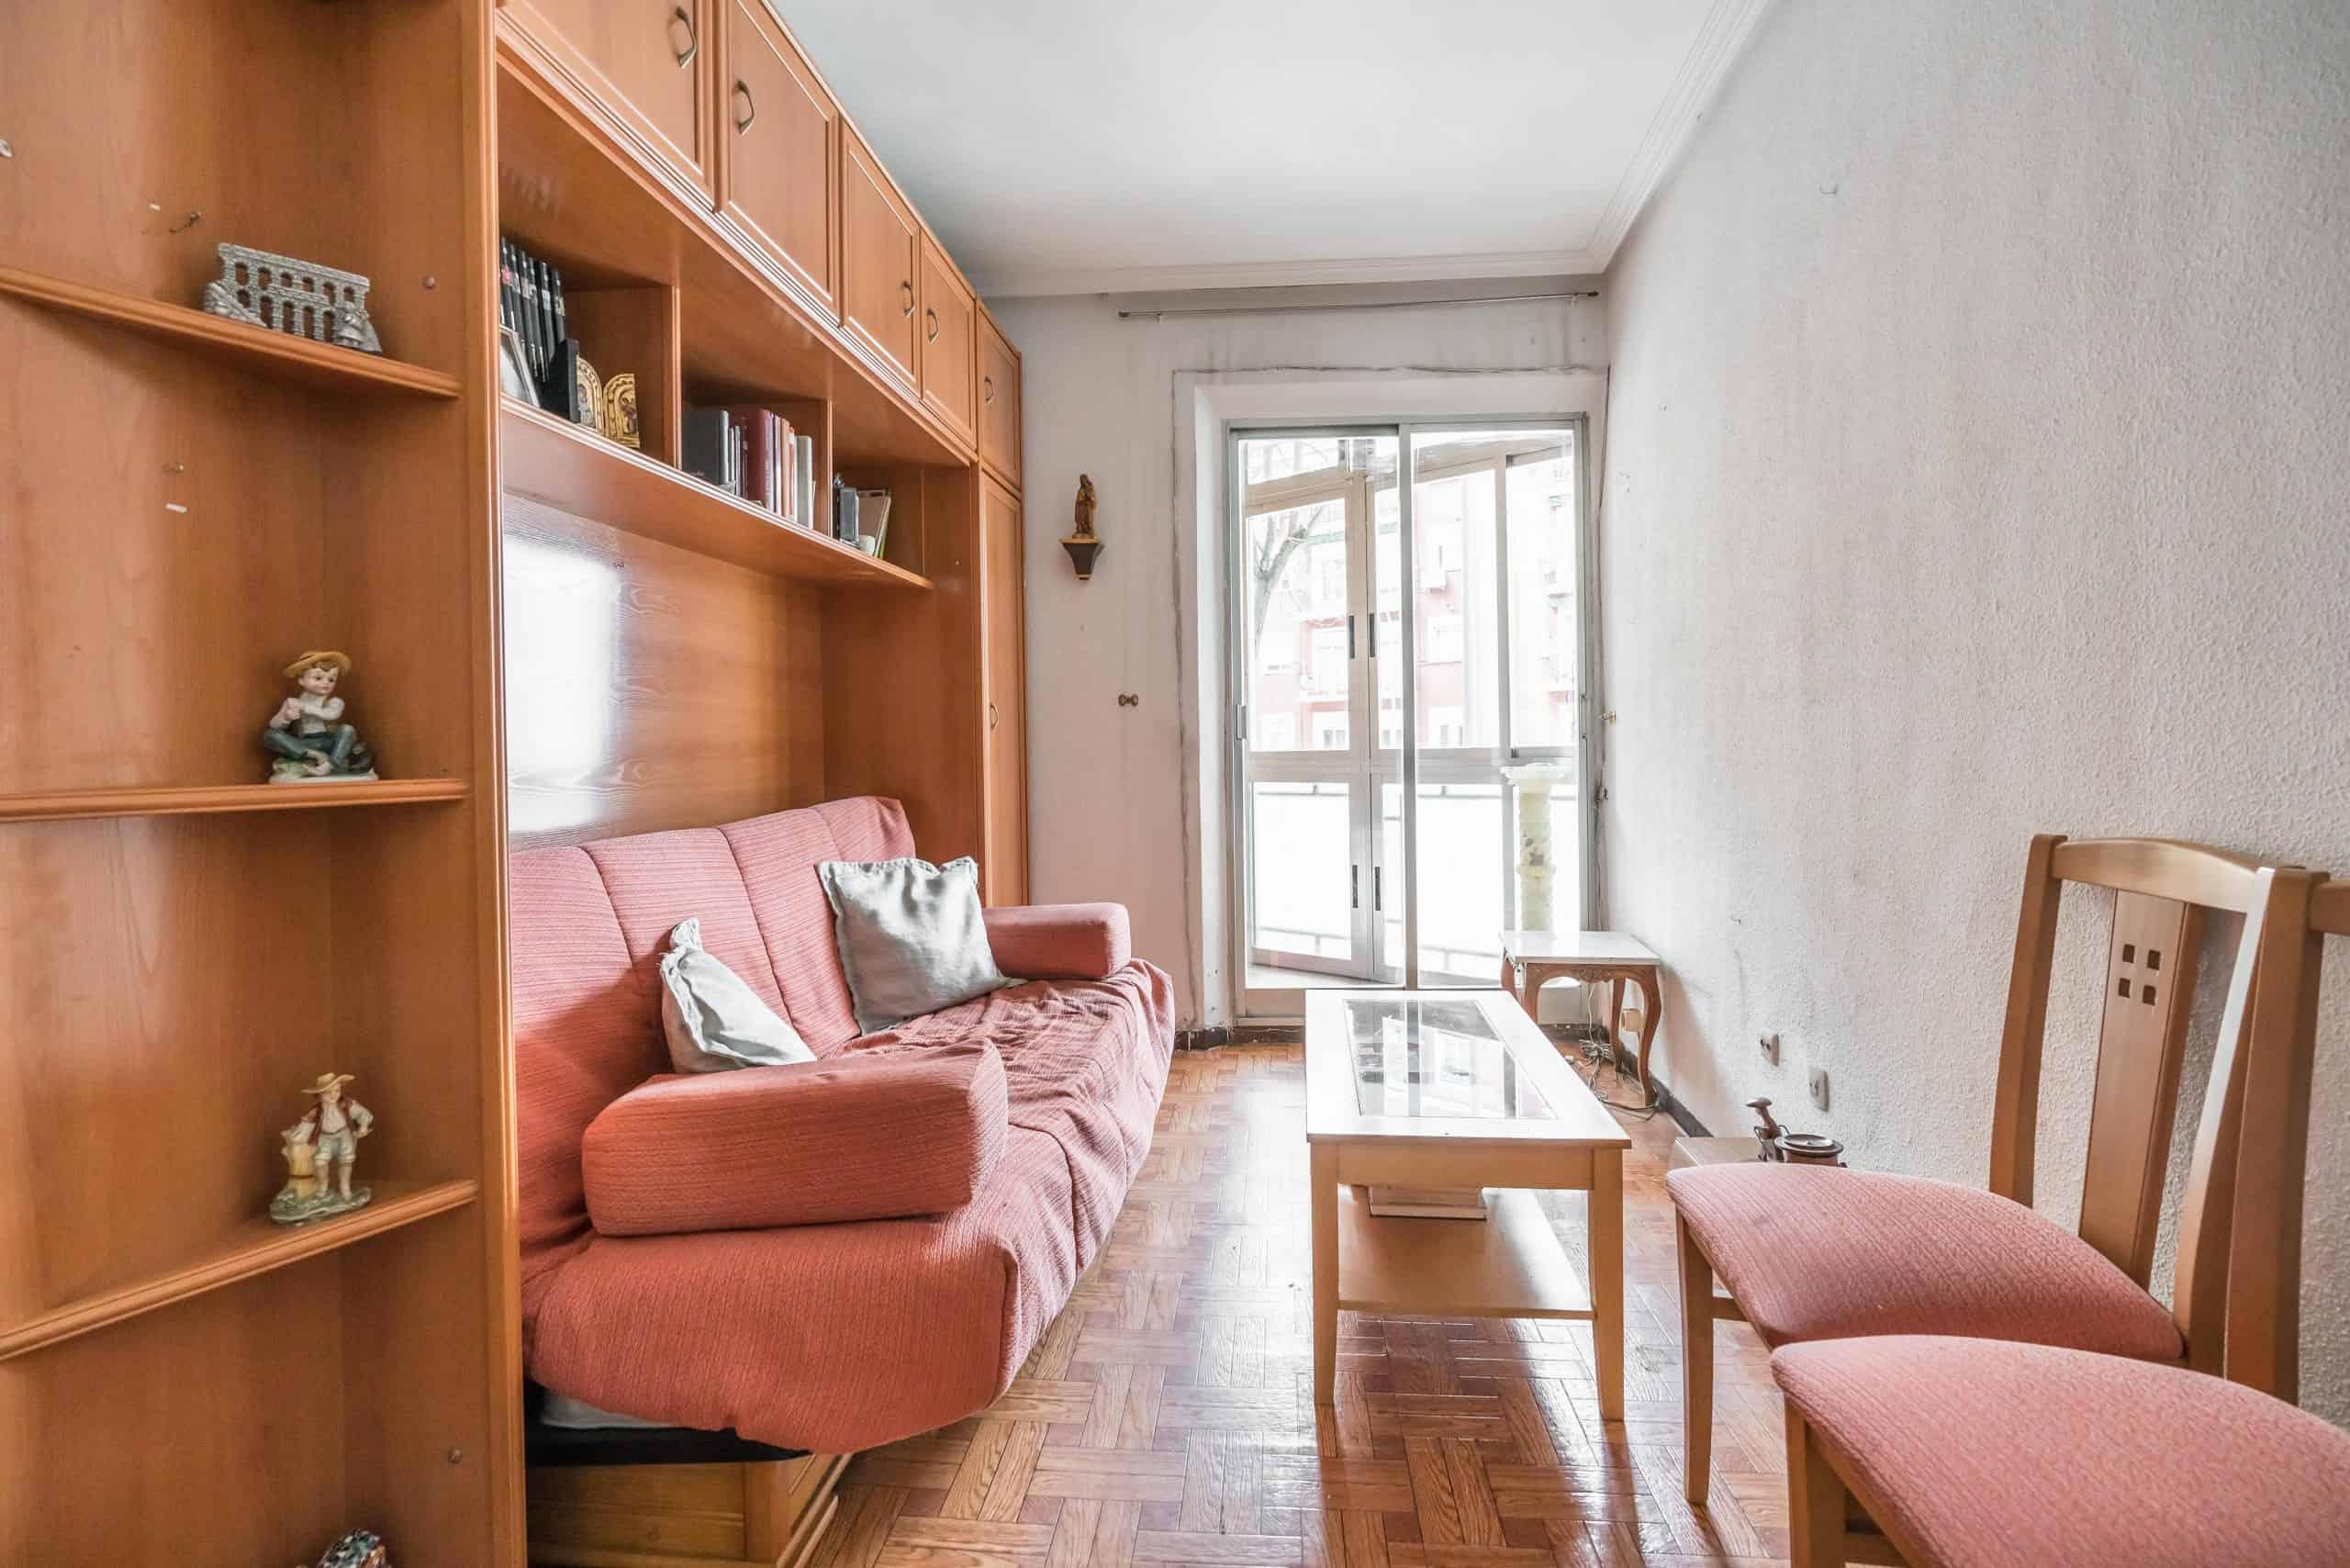 Agencia Inmobiliaria de Madrid-FUTUROCASA-Zona ARGANZUELA-LEGAZPI -calle Jaime Conquistador 27- Salón 2